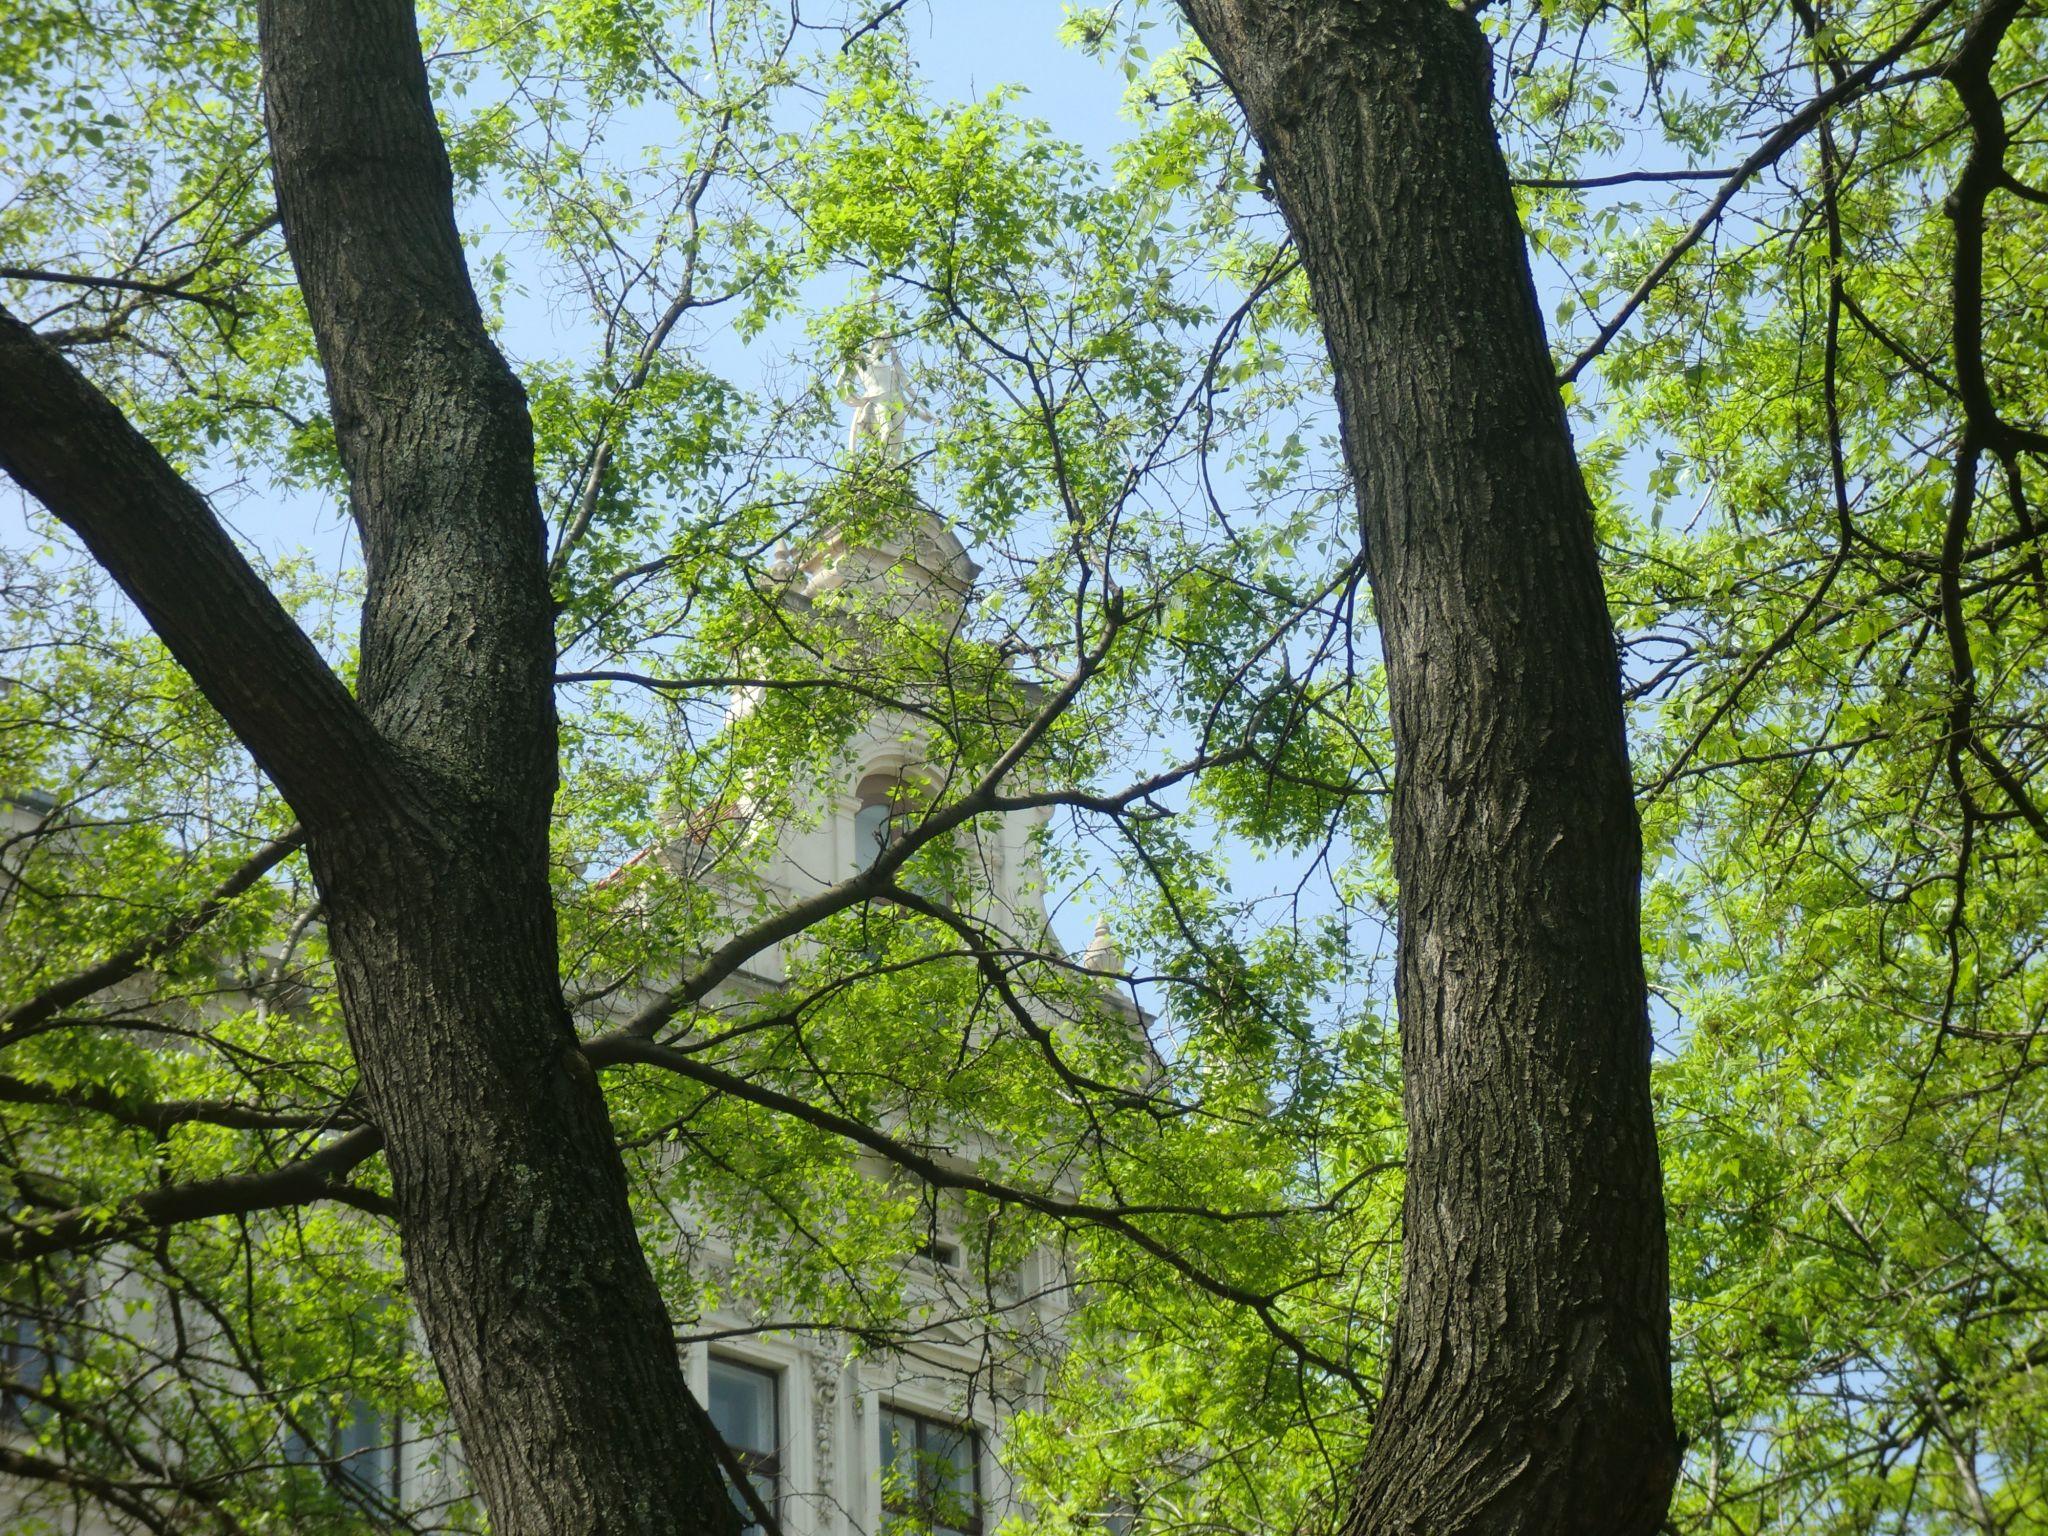 Vienna park 4 1440x1080 - Vienna: elegant beauty